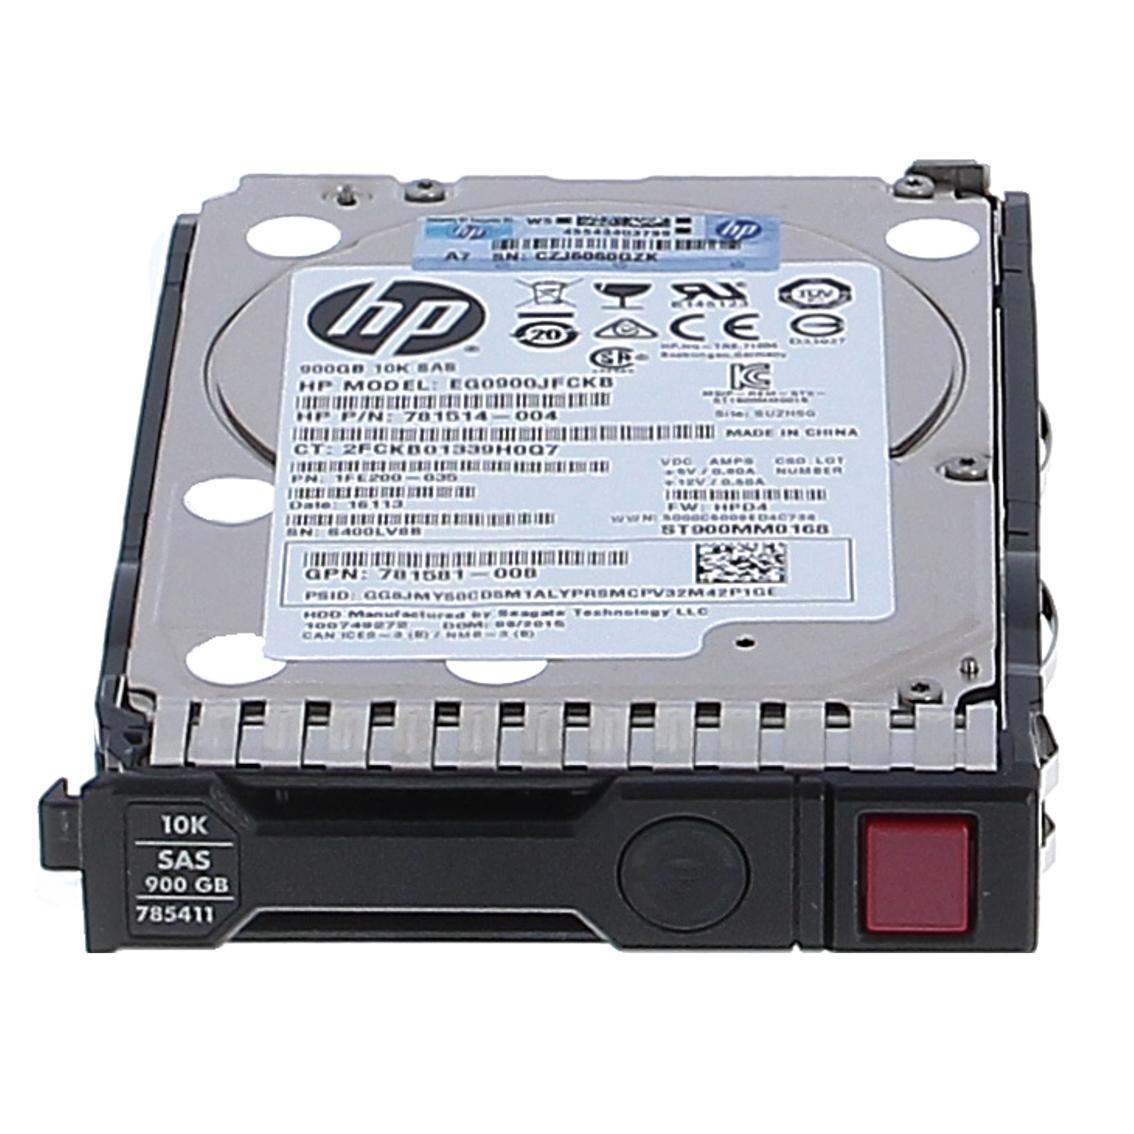 بررسی و {خرید با تخفیف}                                      هارد دیسک اینترنال اچ پی  مدل  Intreprise sas 10K 12G ظرفیت 900 گیگابایت                             اصل